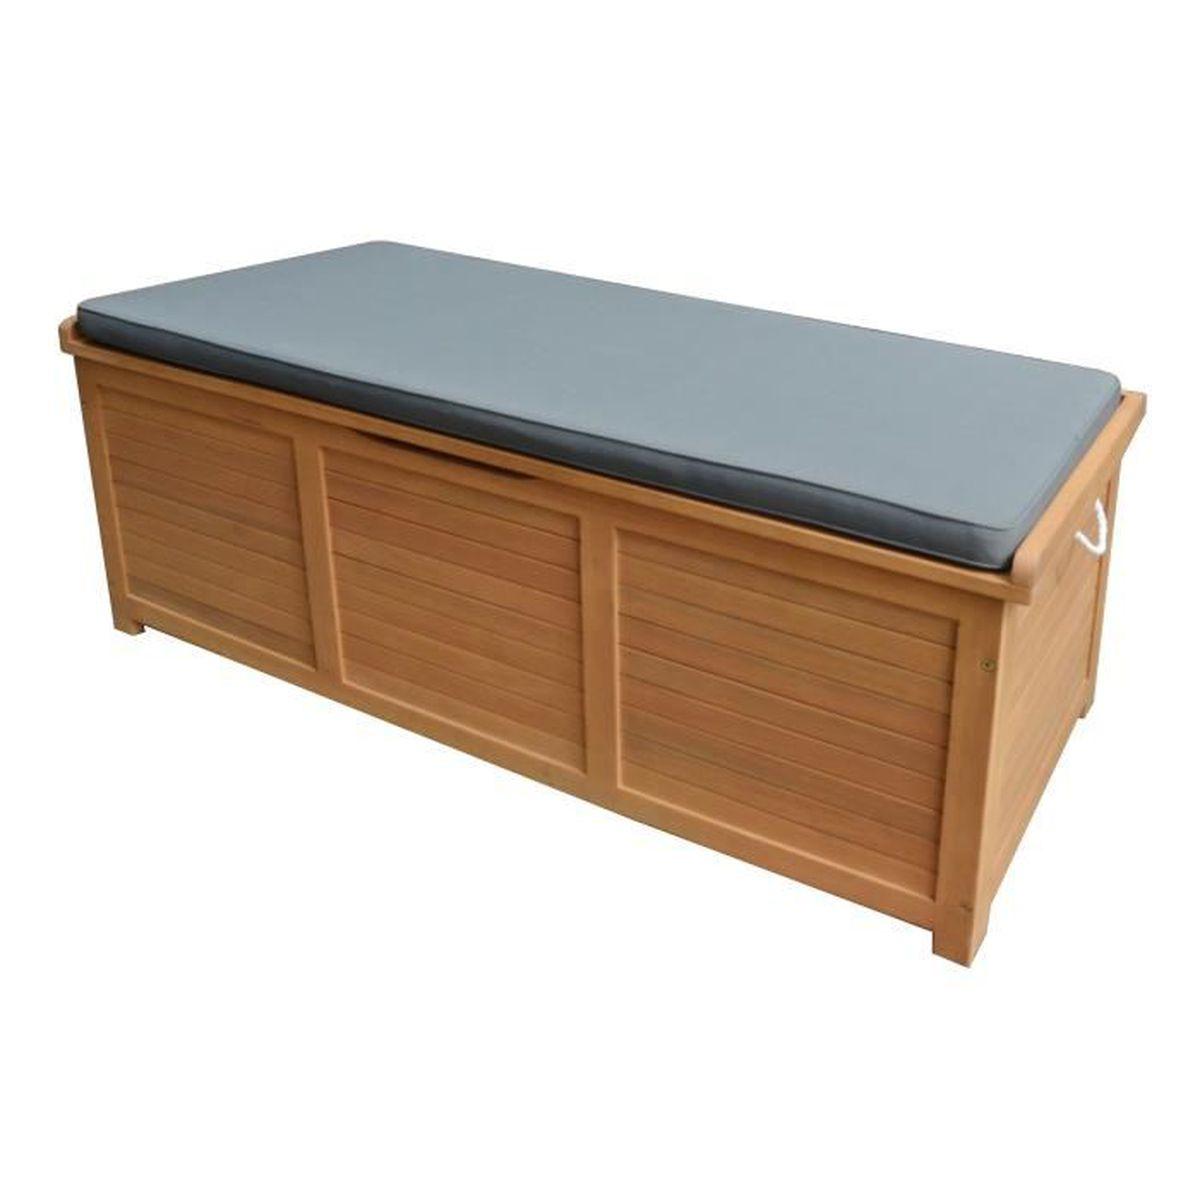 coffre de rangement exterieur bois achat vente pas cher. Black Bedroom Furniture Sets. Home Design Ideas